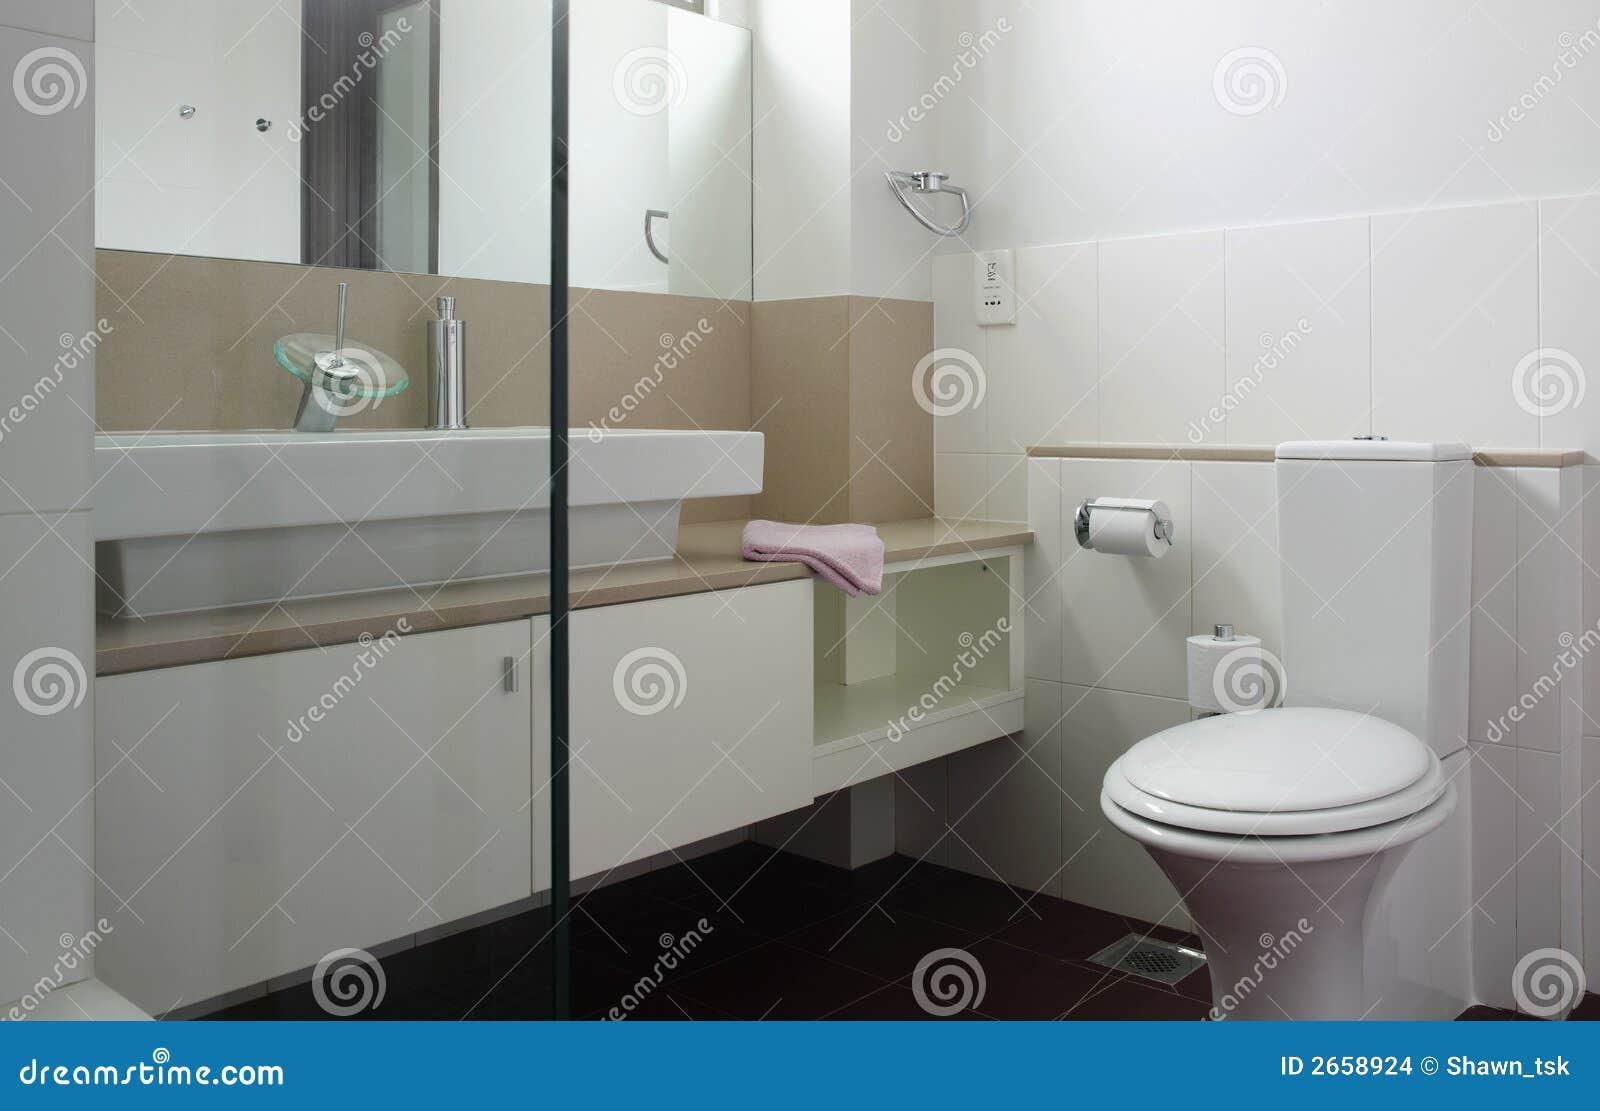 innenarchitektur badezimmer stockbilder bild 2658924. Black Bedroom Furniture Sets. Home Design Ideas